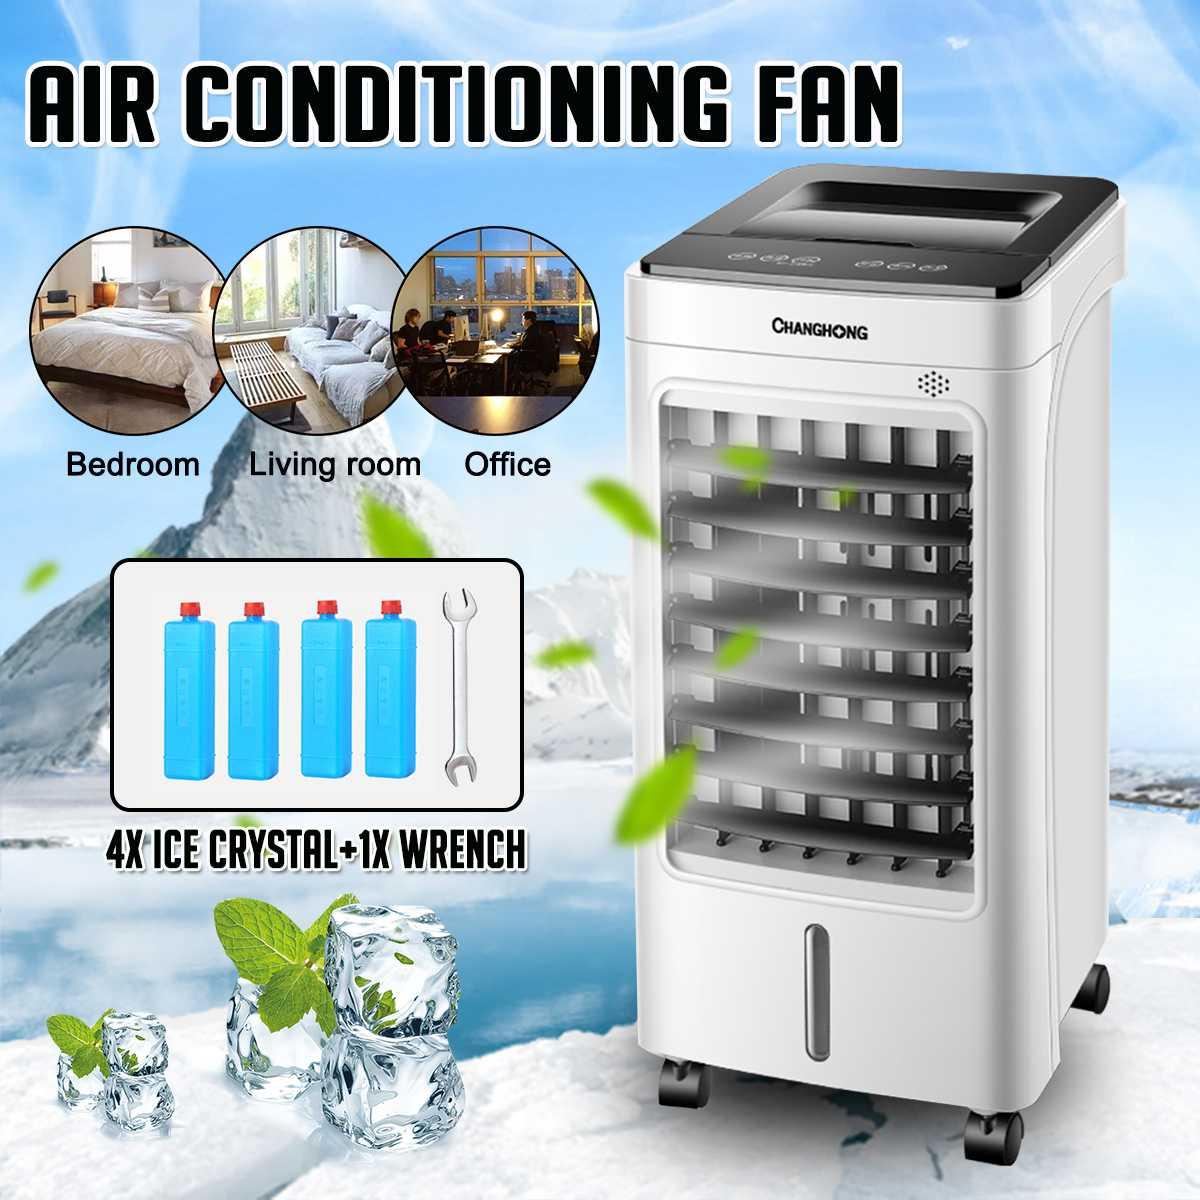 Levou Toque Humidized Ventilador Refrigerador de Ar Condicionado Portátil condicionador de Ar Do Ventilador Refrigerador de Ar Evaporativo Do Ar Cronometrado Exaustor